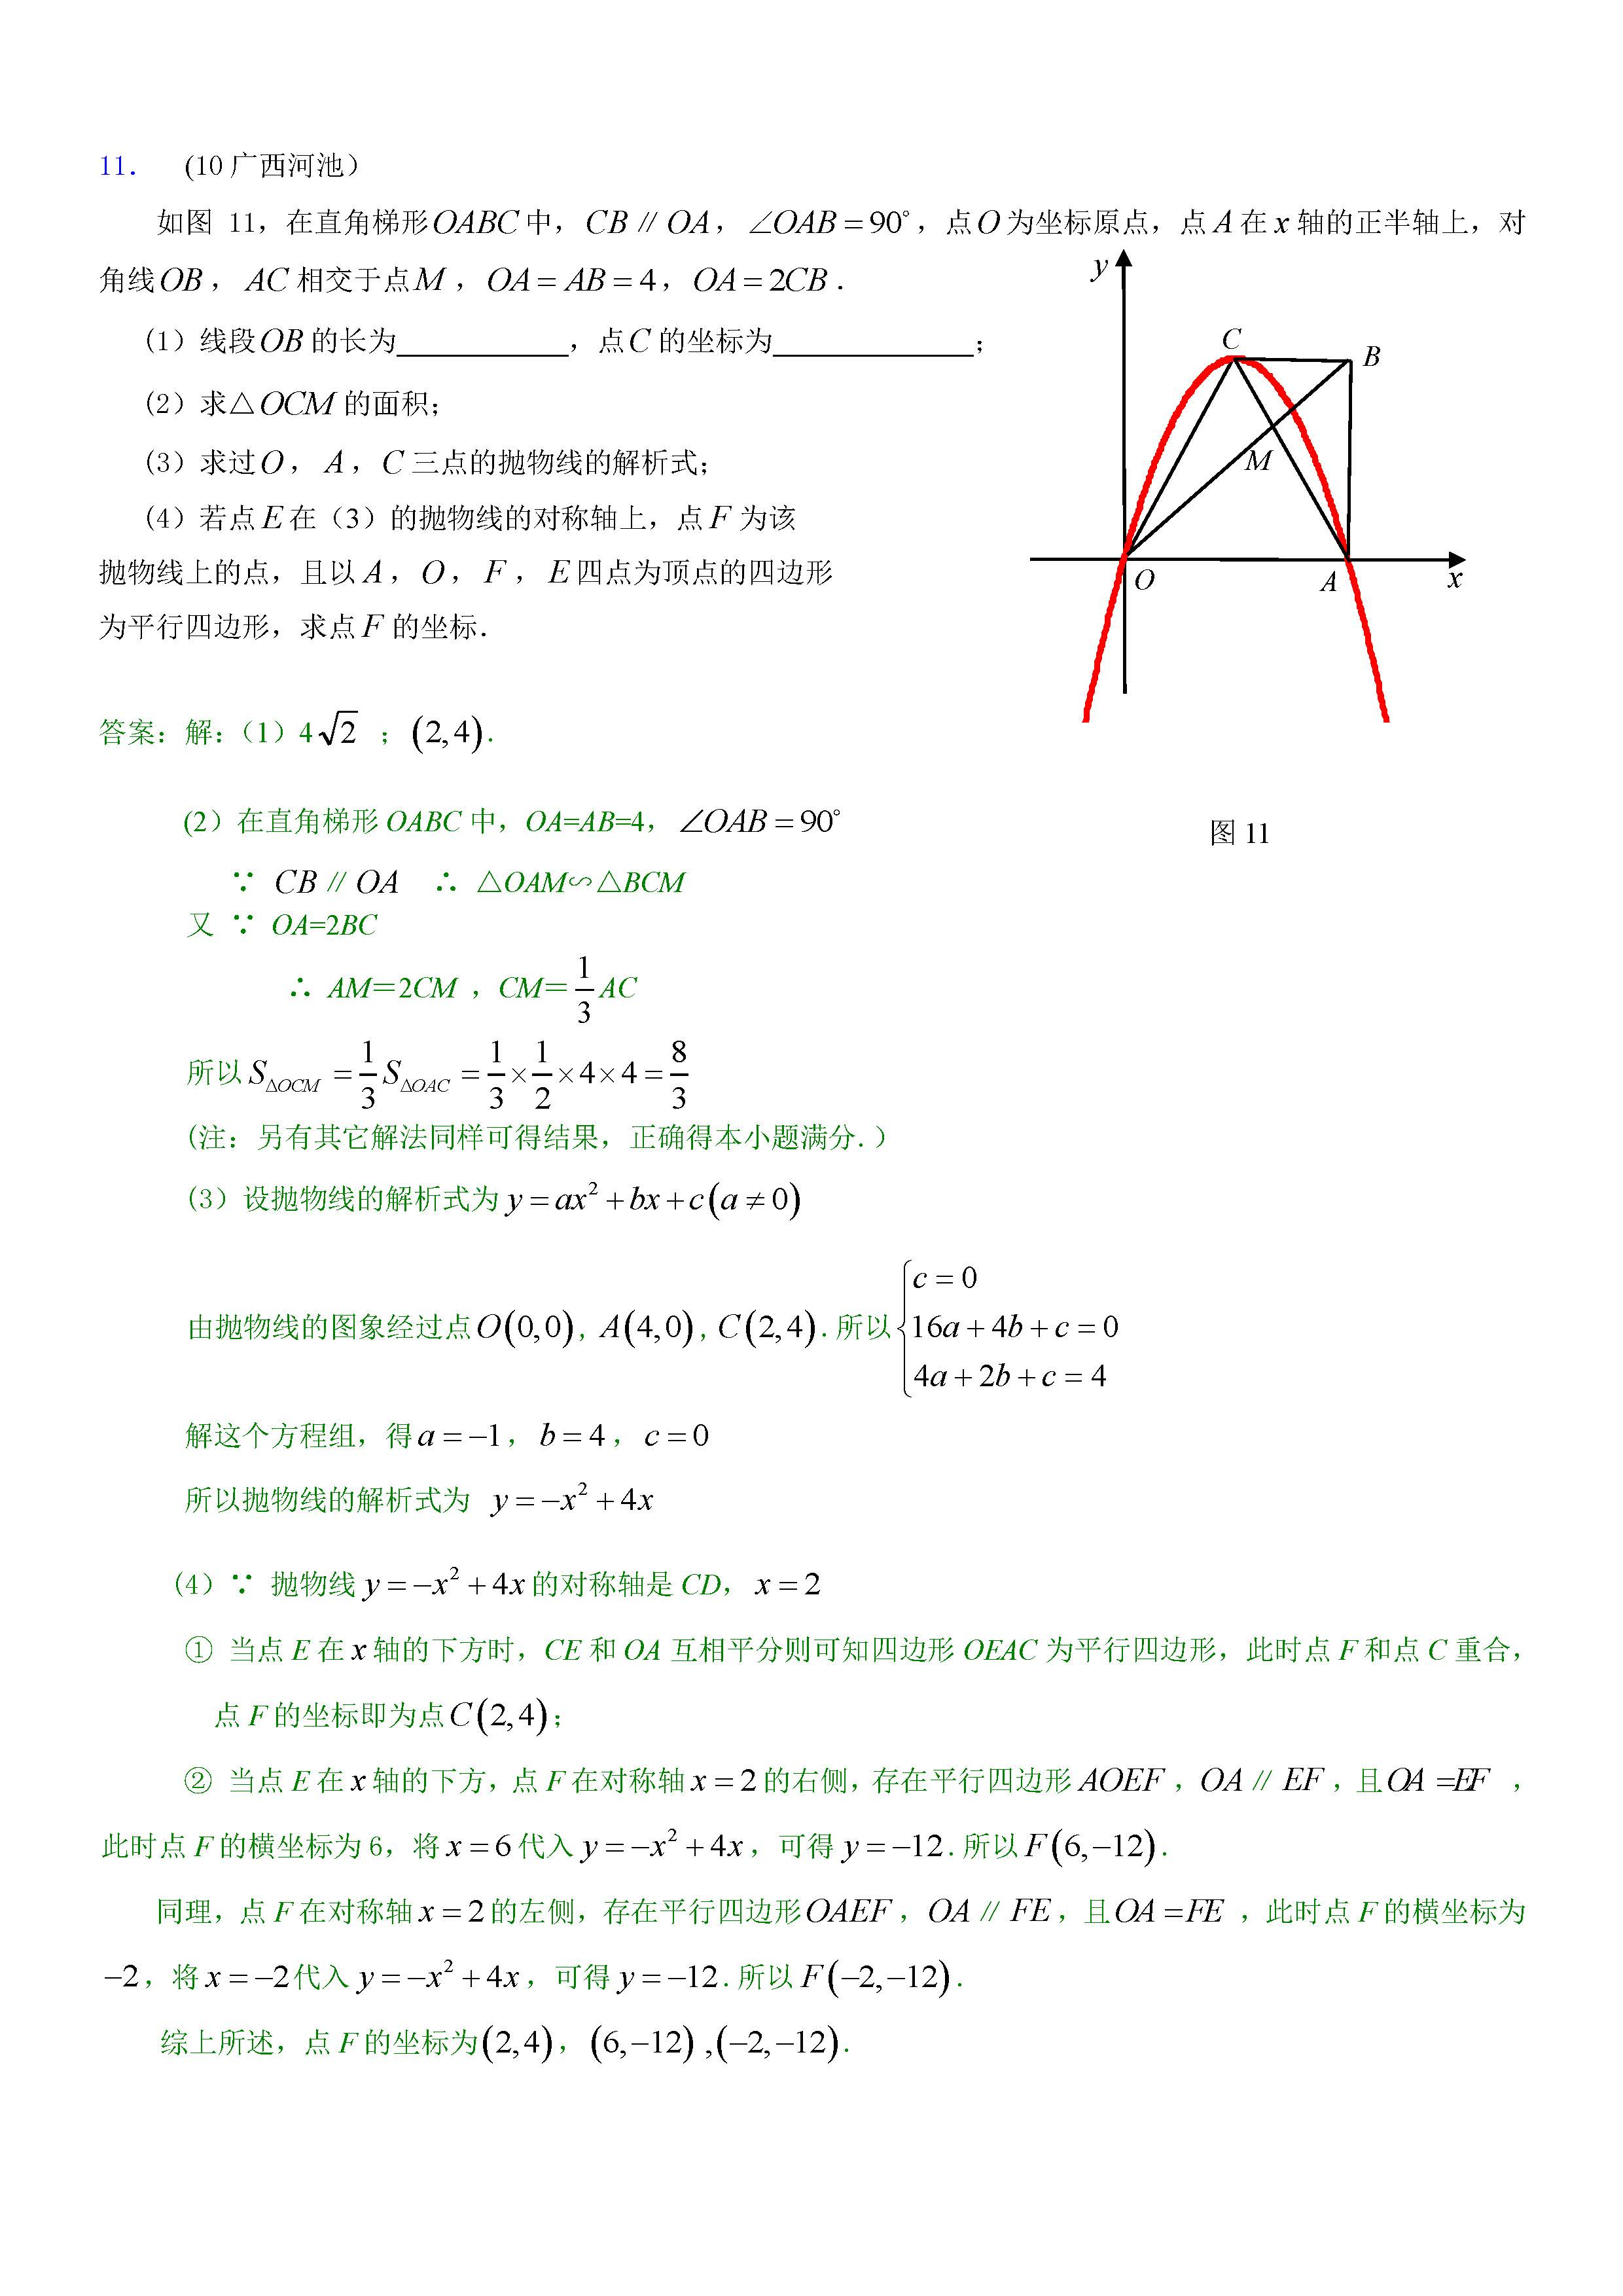 中考数学压轴题之二次函数综合计算题精选(十一)